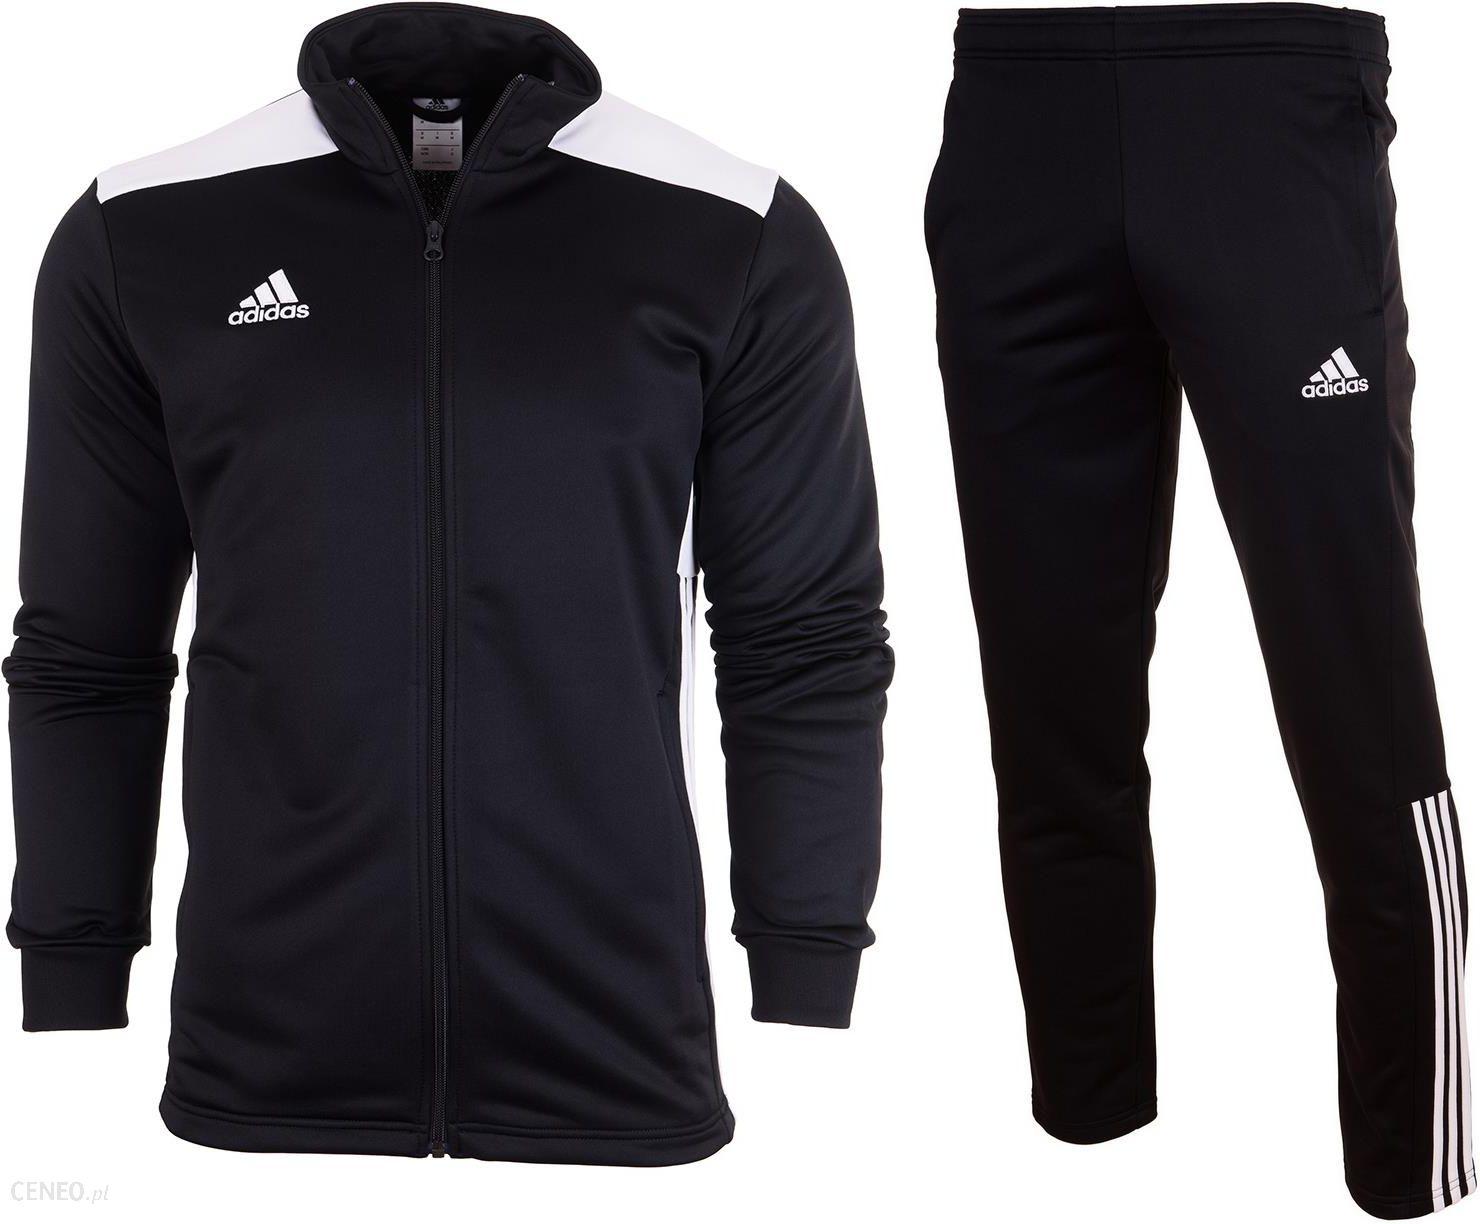 Adidas dres komplet męski spodnie bluz Tiro 19 XXL www